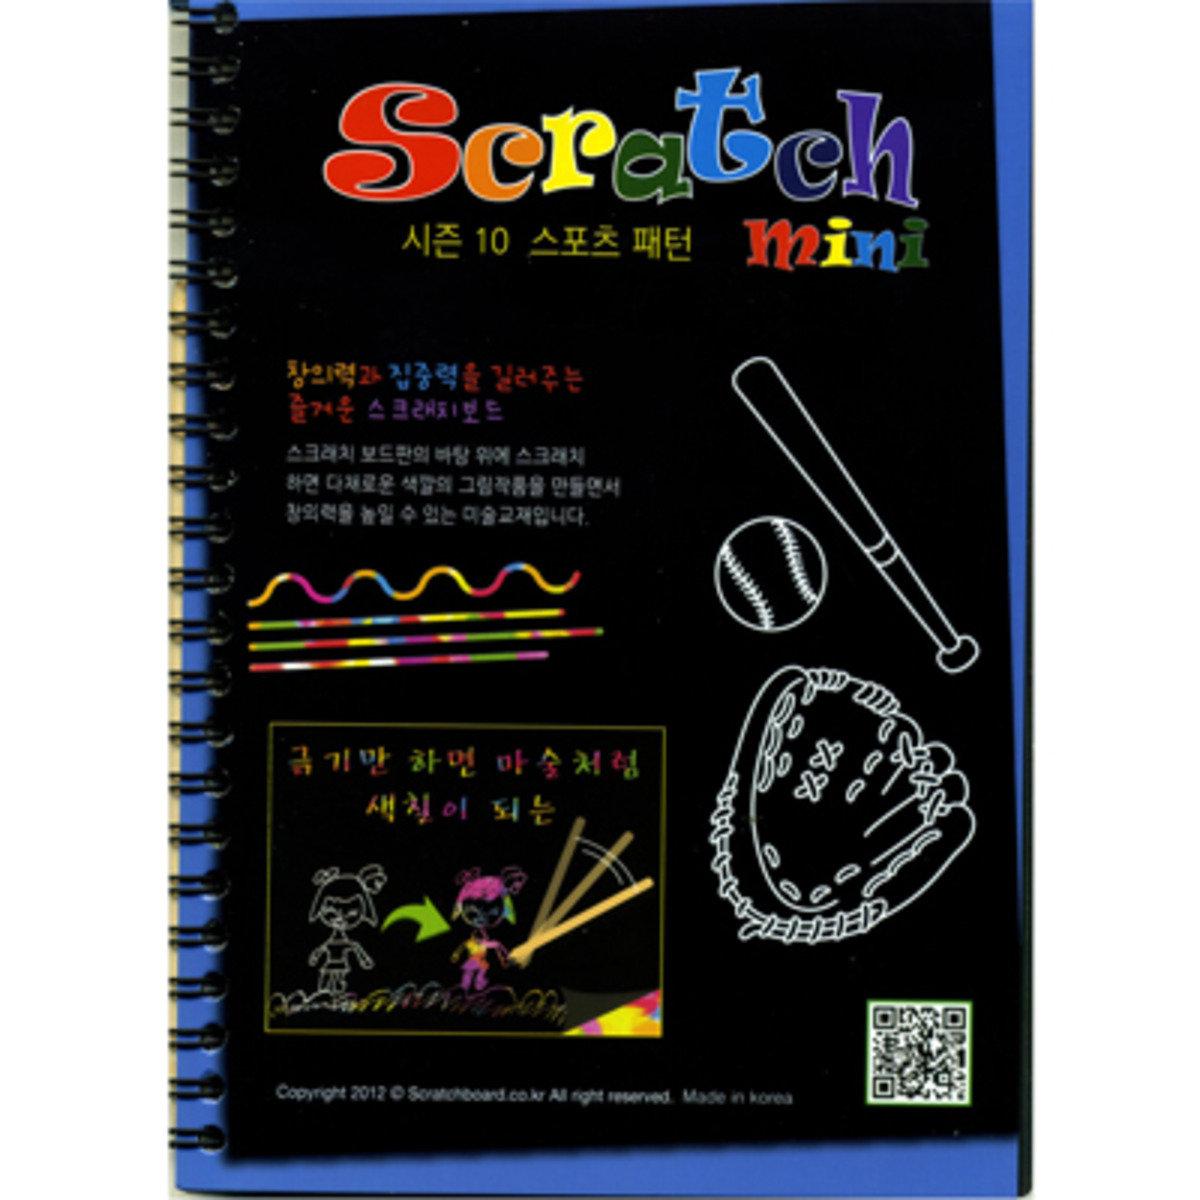 SCRATCH MINI - SPORTS 8809379160221